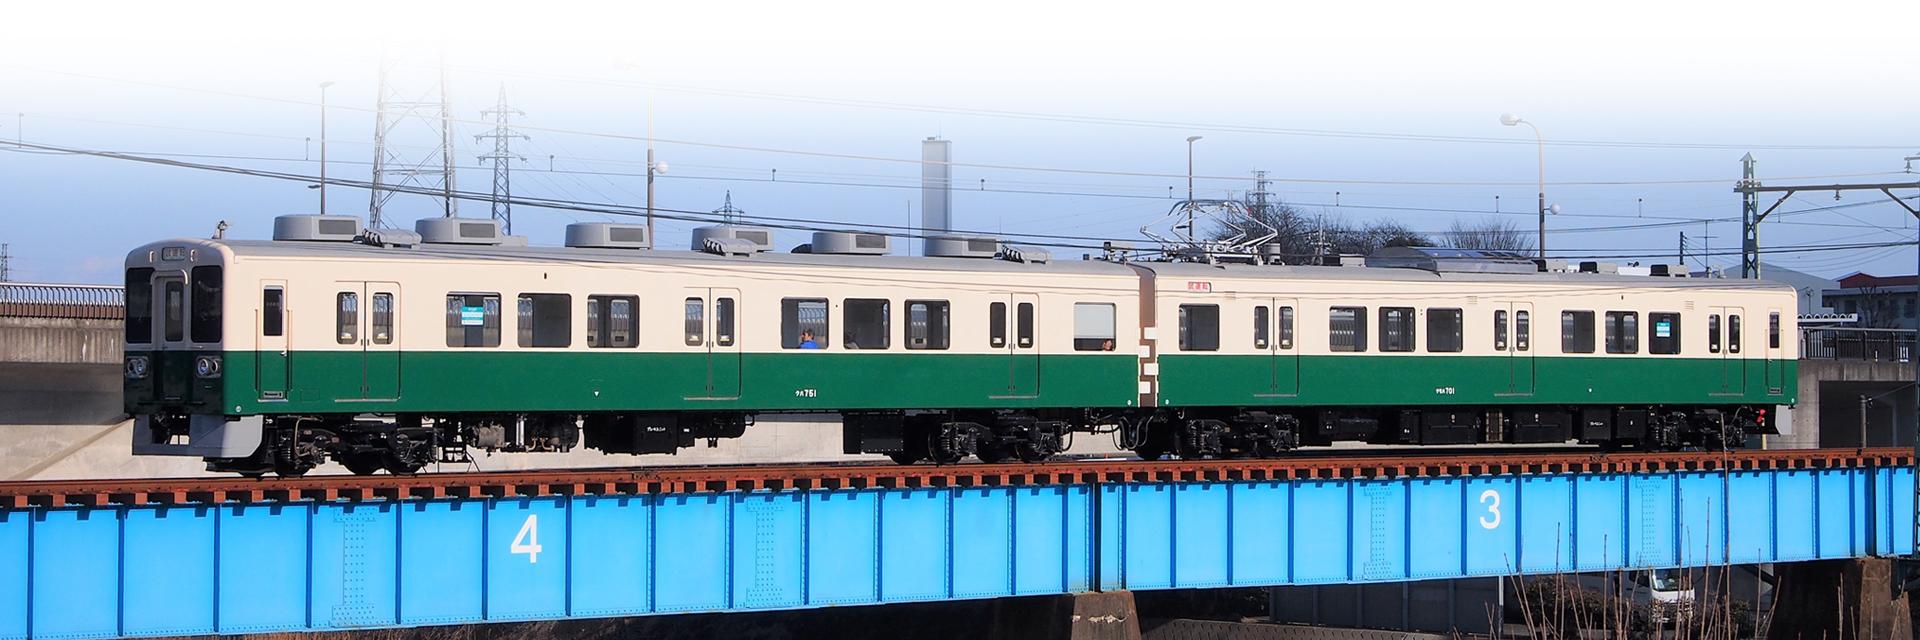 「上州鉄道3娘記念乗車券セット」の発売について